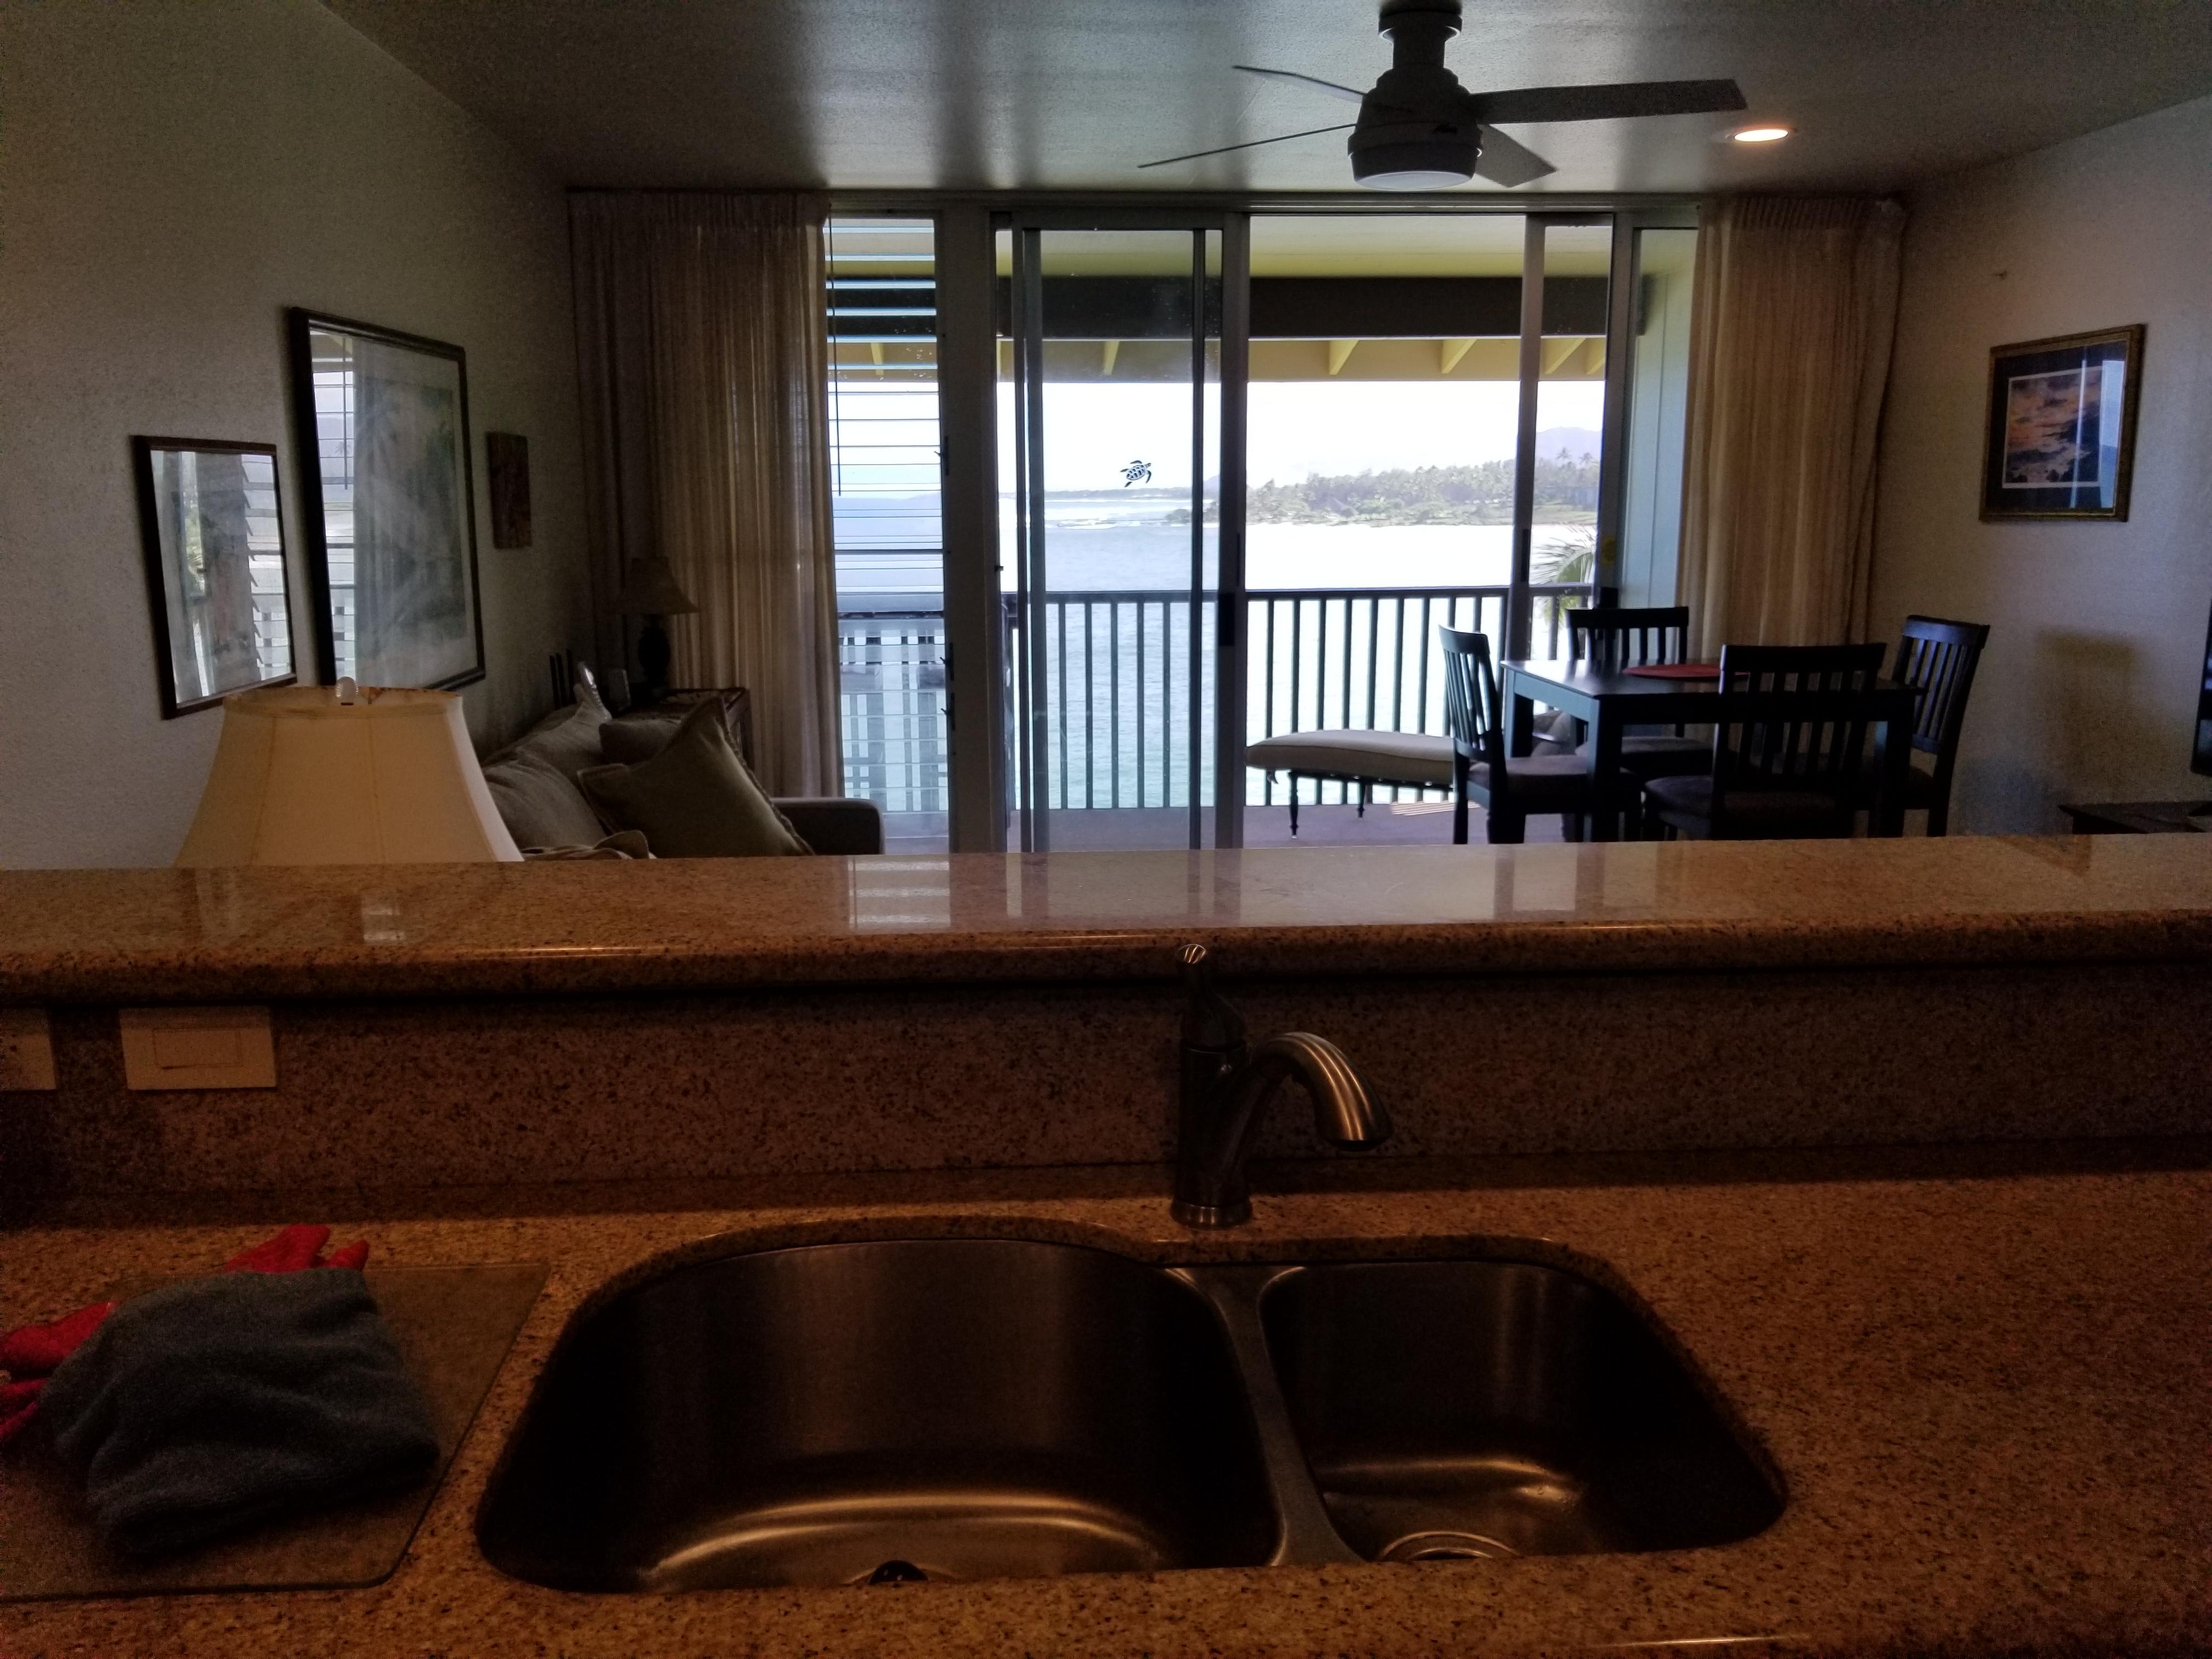 Ocean View from Kitchen Sink